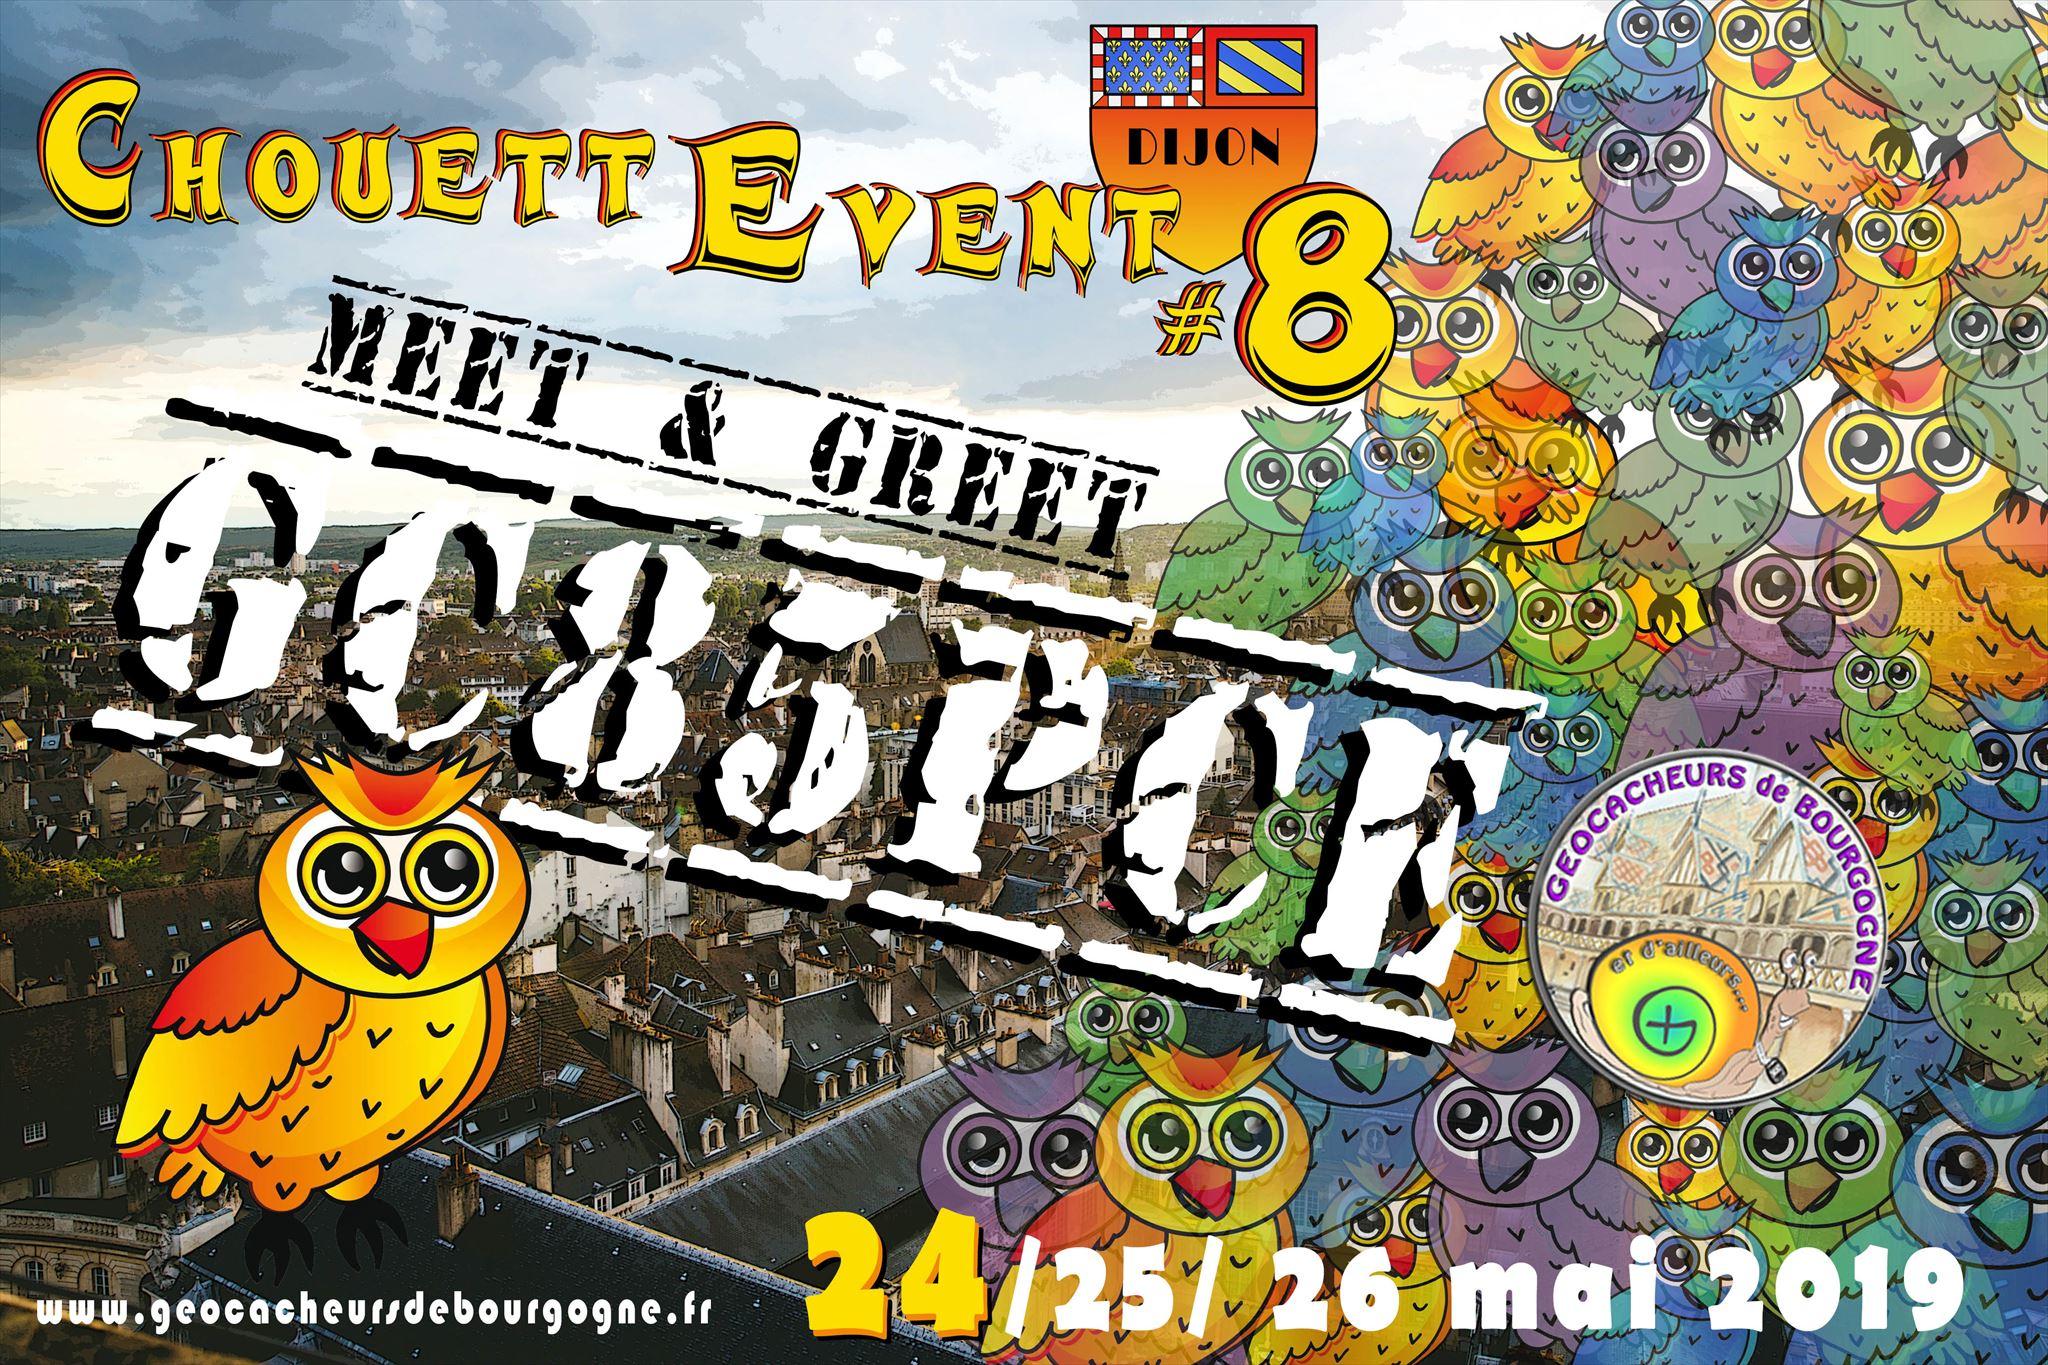 Le Chouette Meet&Greet 2b914875-9cb9-4470-8f0d-c7fa7ac5331c